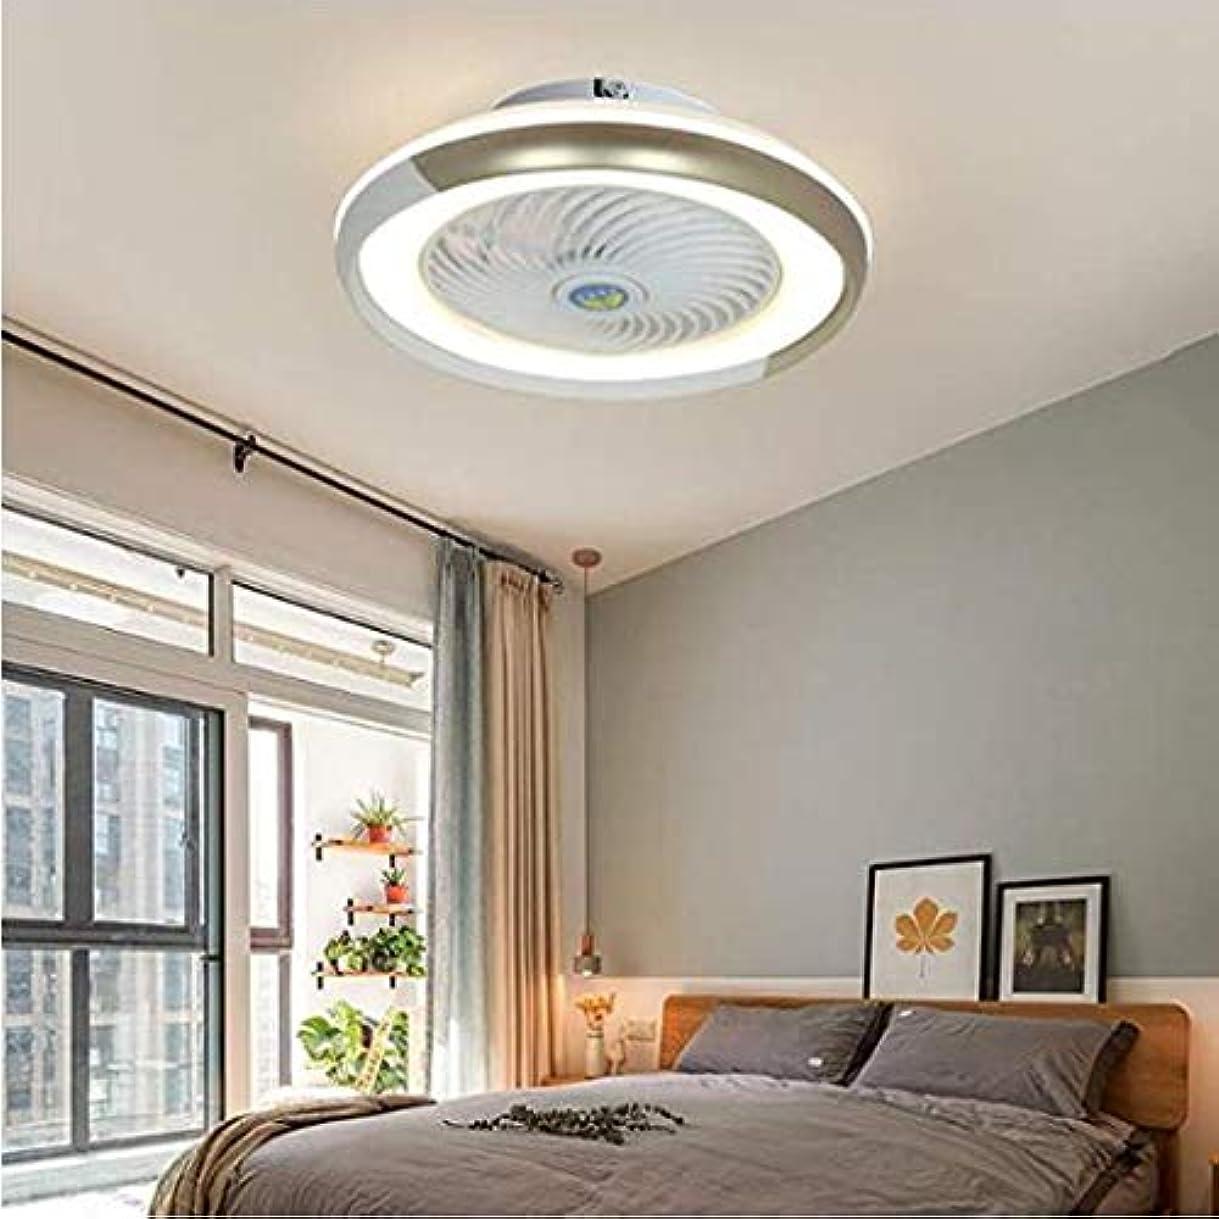 ご意見ジョリー切手リビングルームのベッドルーム、ゴールドのために照明見えないファンランプ現代調のファン天井LEDランプ調節可能な風速で天井のファンをLED